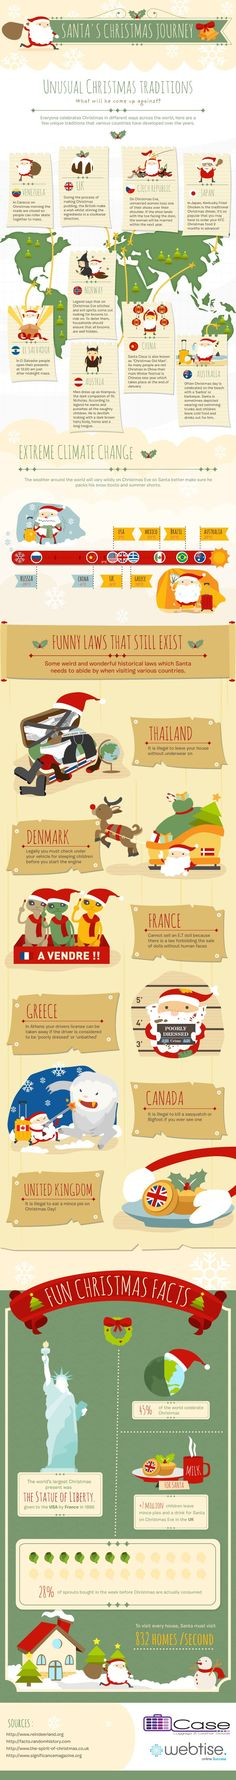 Curiosidades sobre Santa Claus y la Navidad en el mundo - Chilanga Banda #Mexico